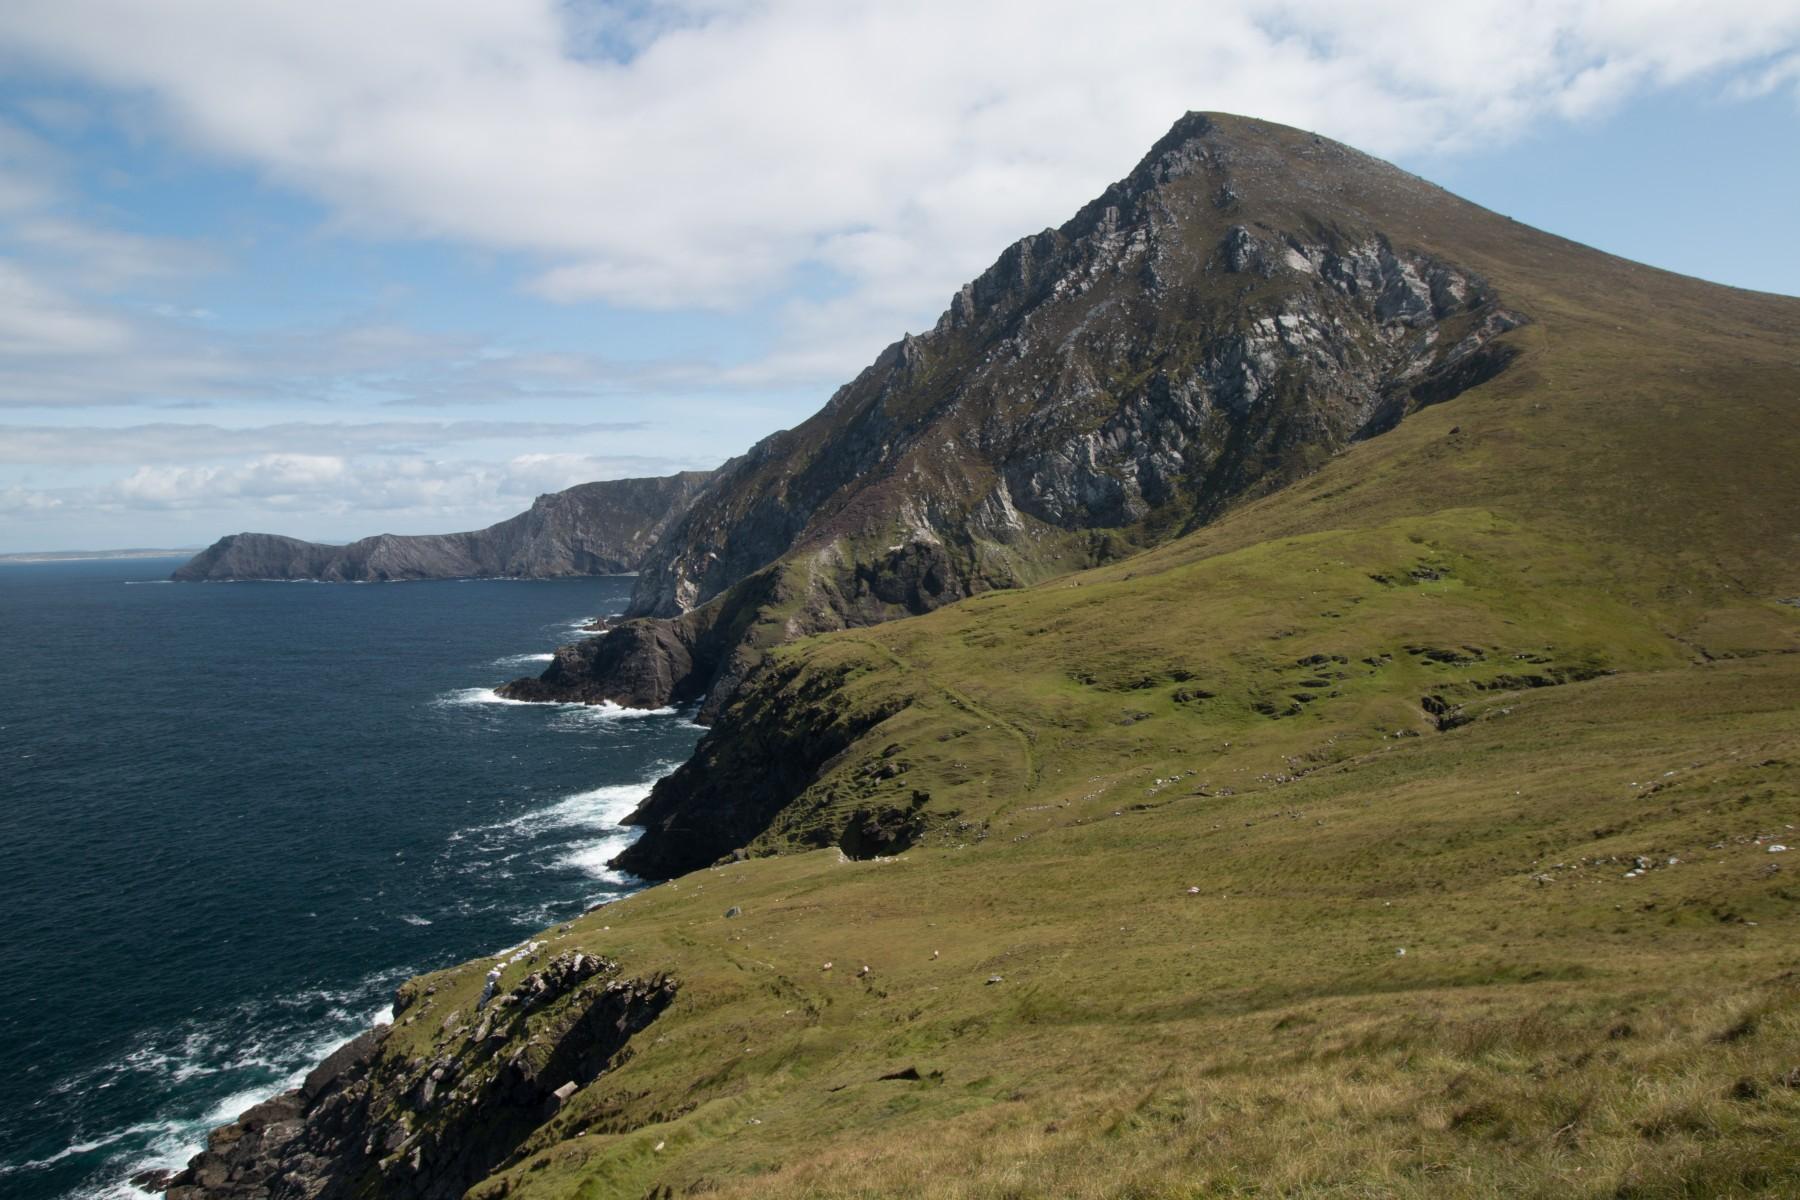 Accommodation Achill Island Mayo